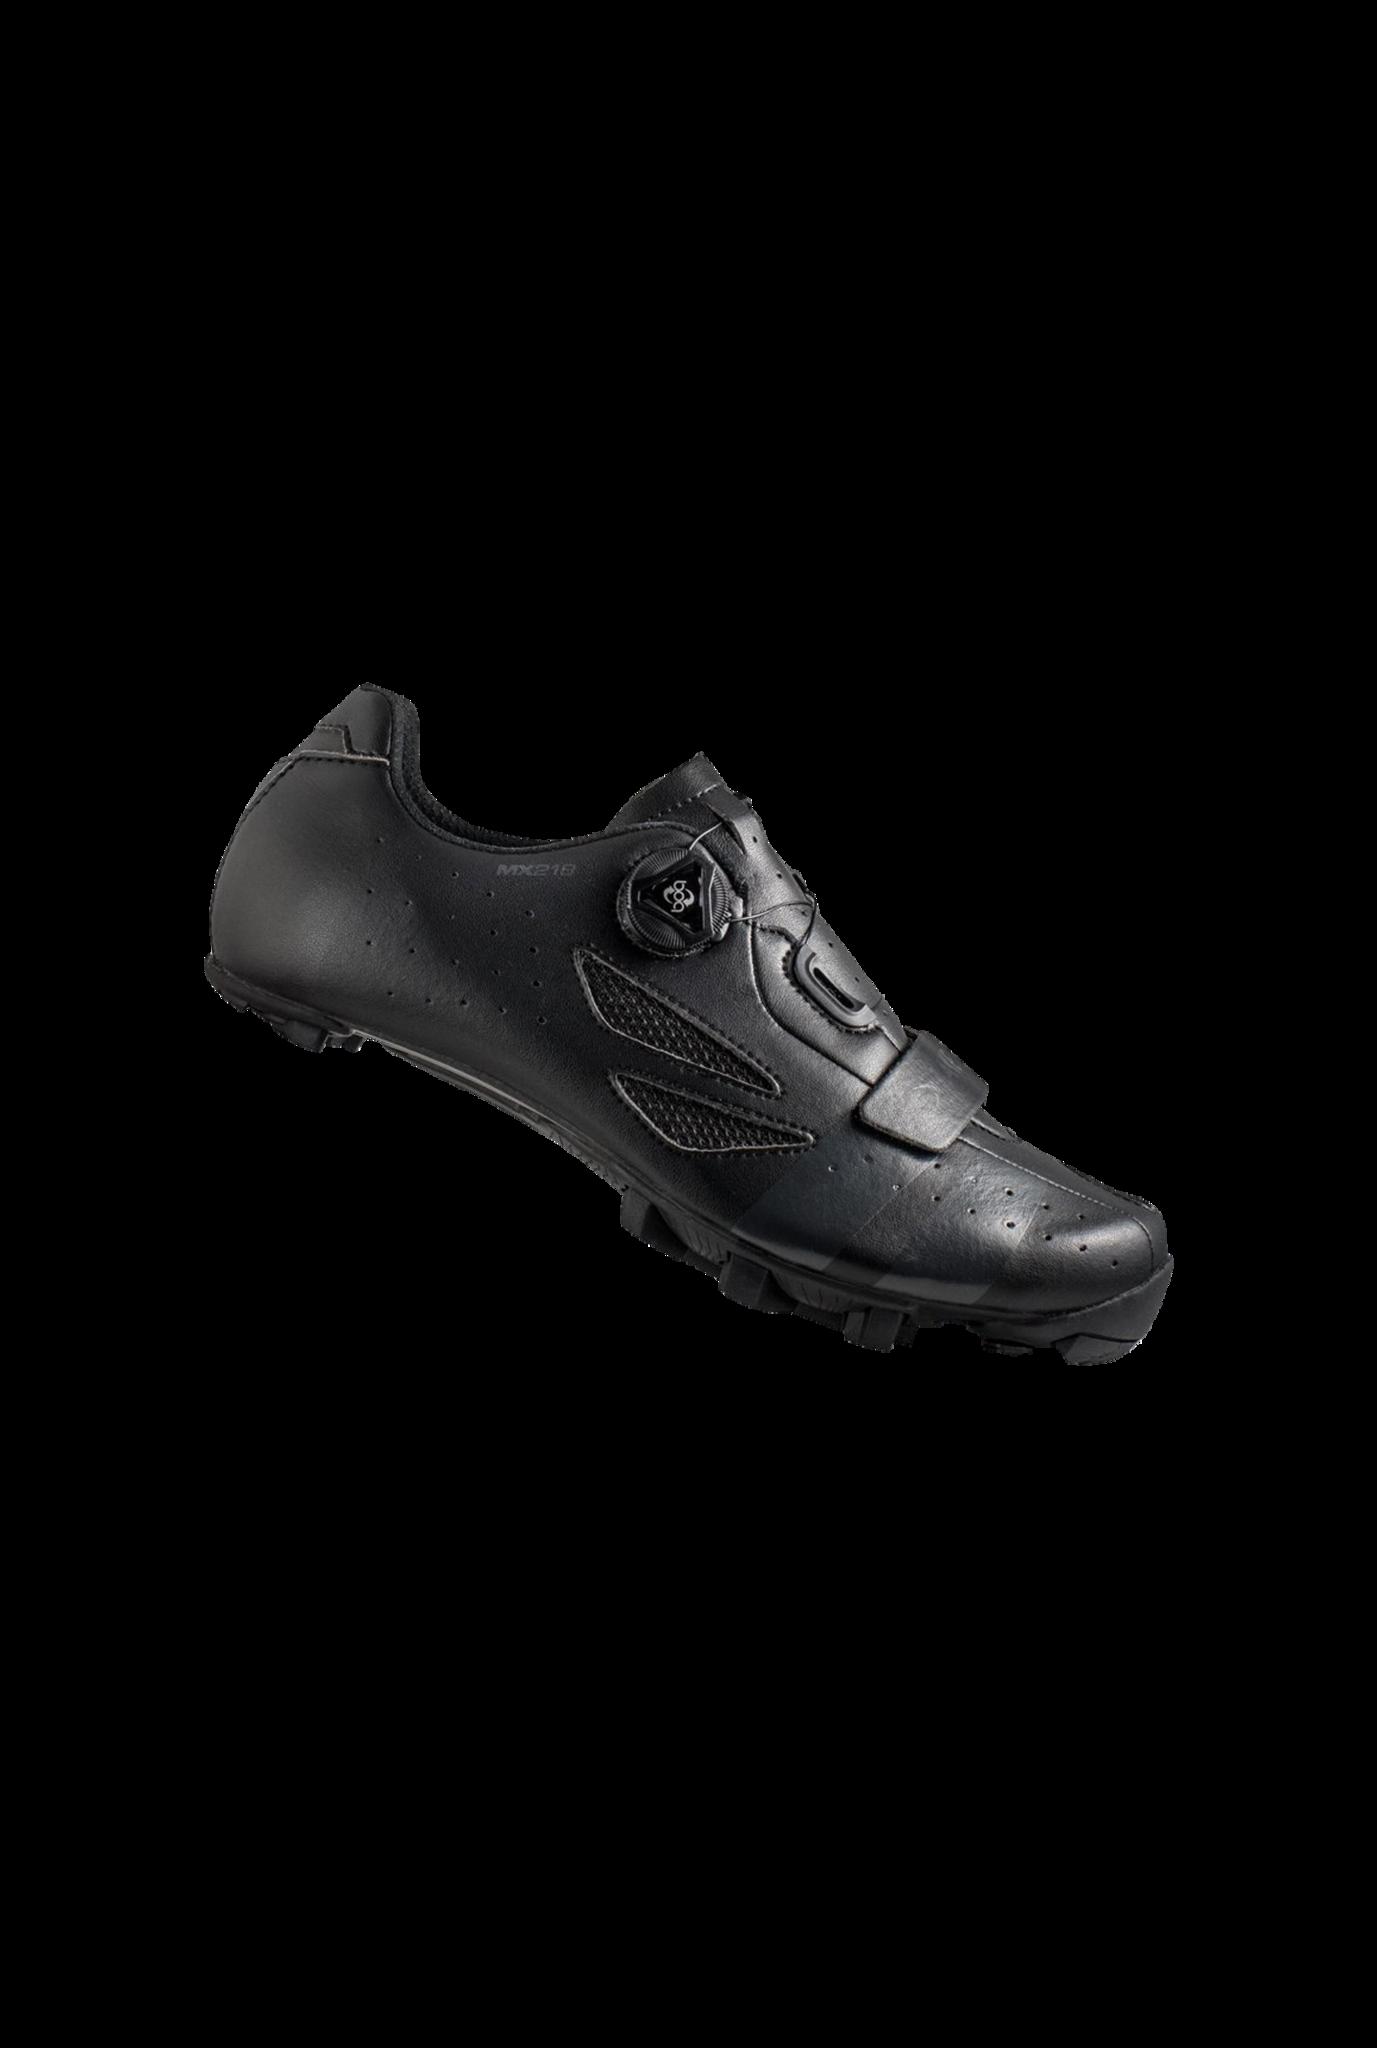 Schoenen Lake MX218 Black/Grey-1